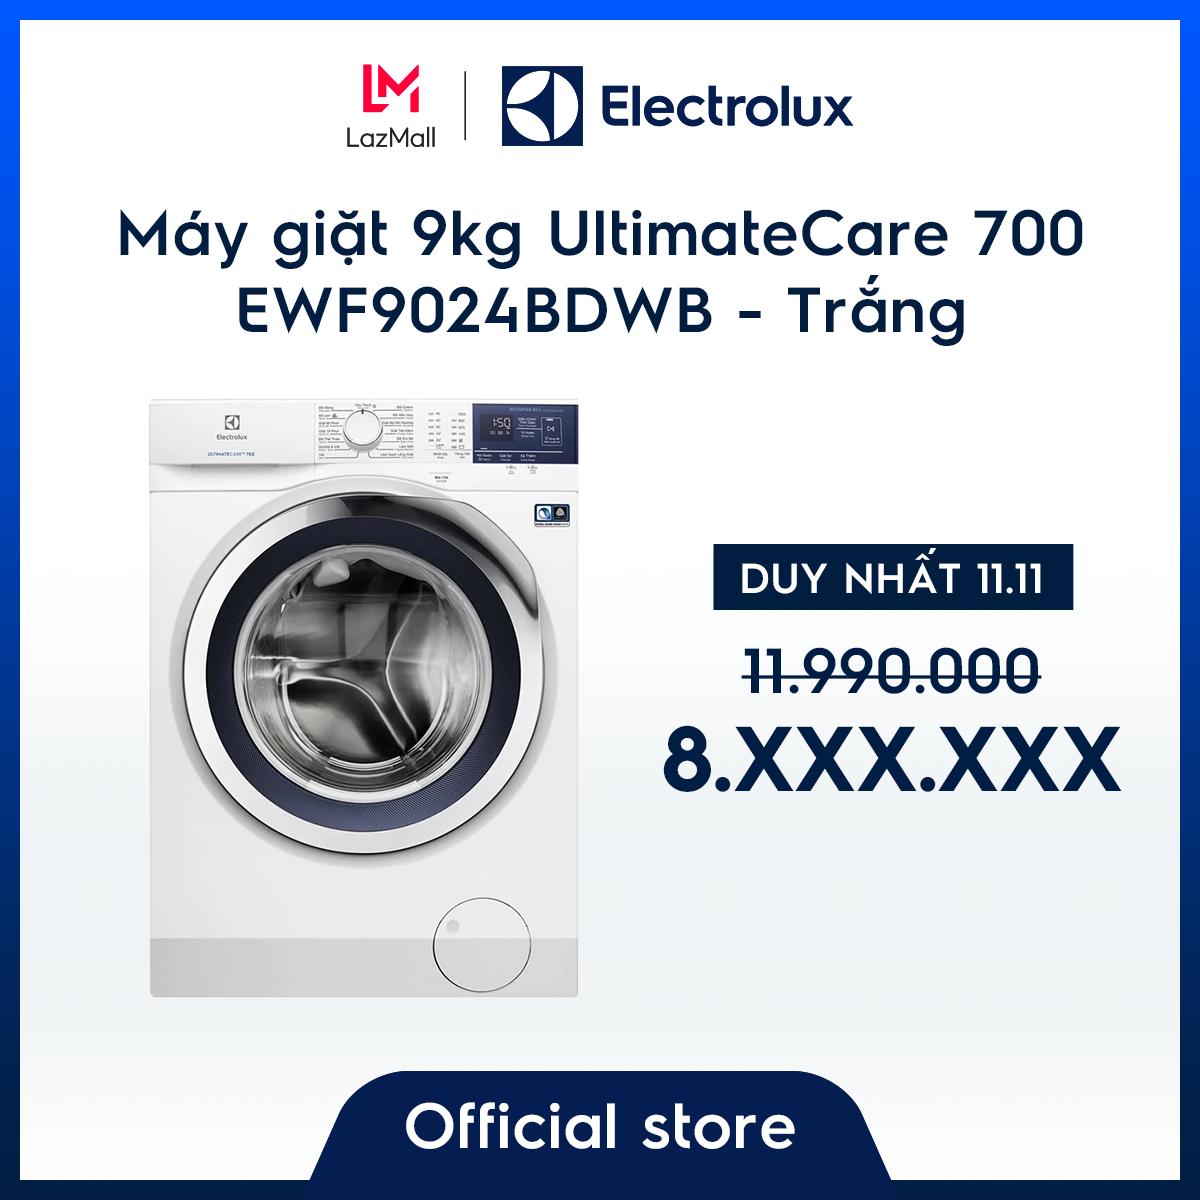 [Miễn phí công lắp đặt – giao hàng HCM & HN] Máy giặt 9kg UltimateCare 700 EWF9024BDWB – Màu Trắng – OKO Mix – Công nghệ Auto Sense – Tiết kiệm năng lượng – Hàng chính hãng